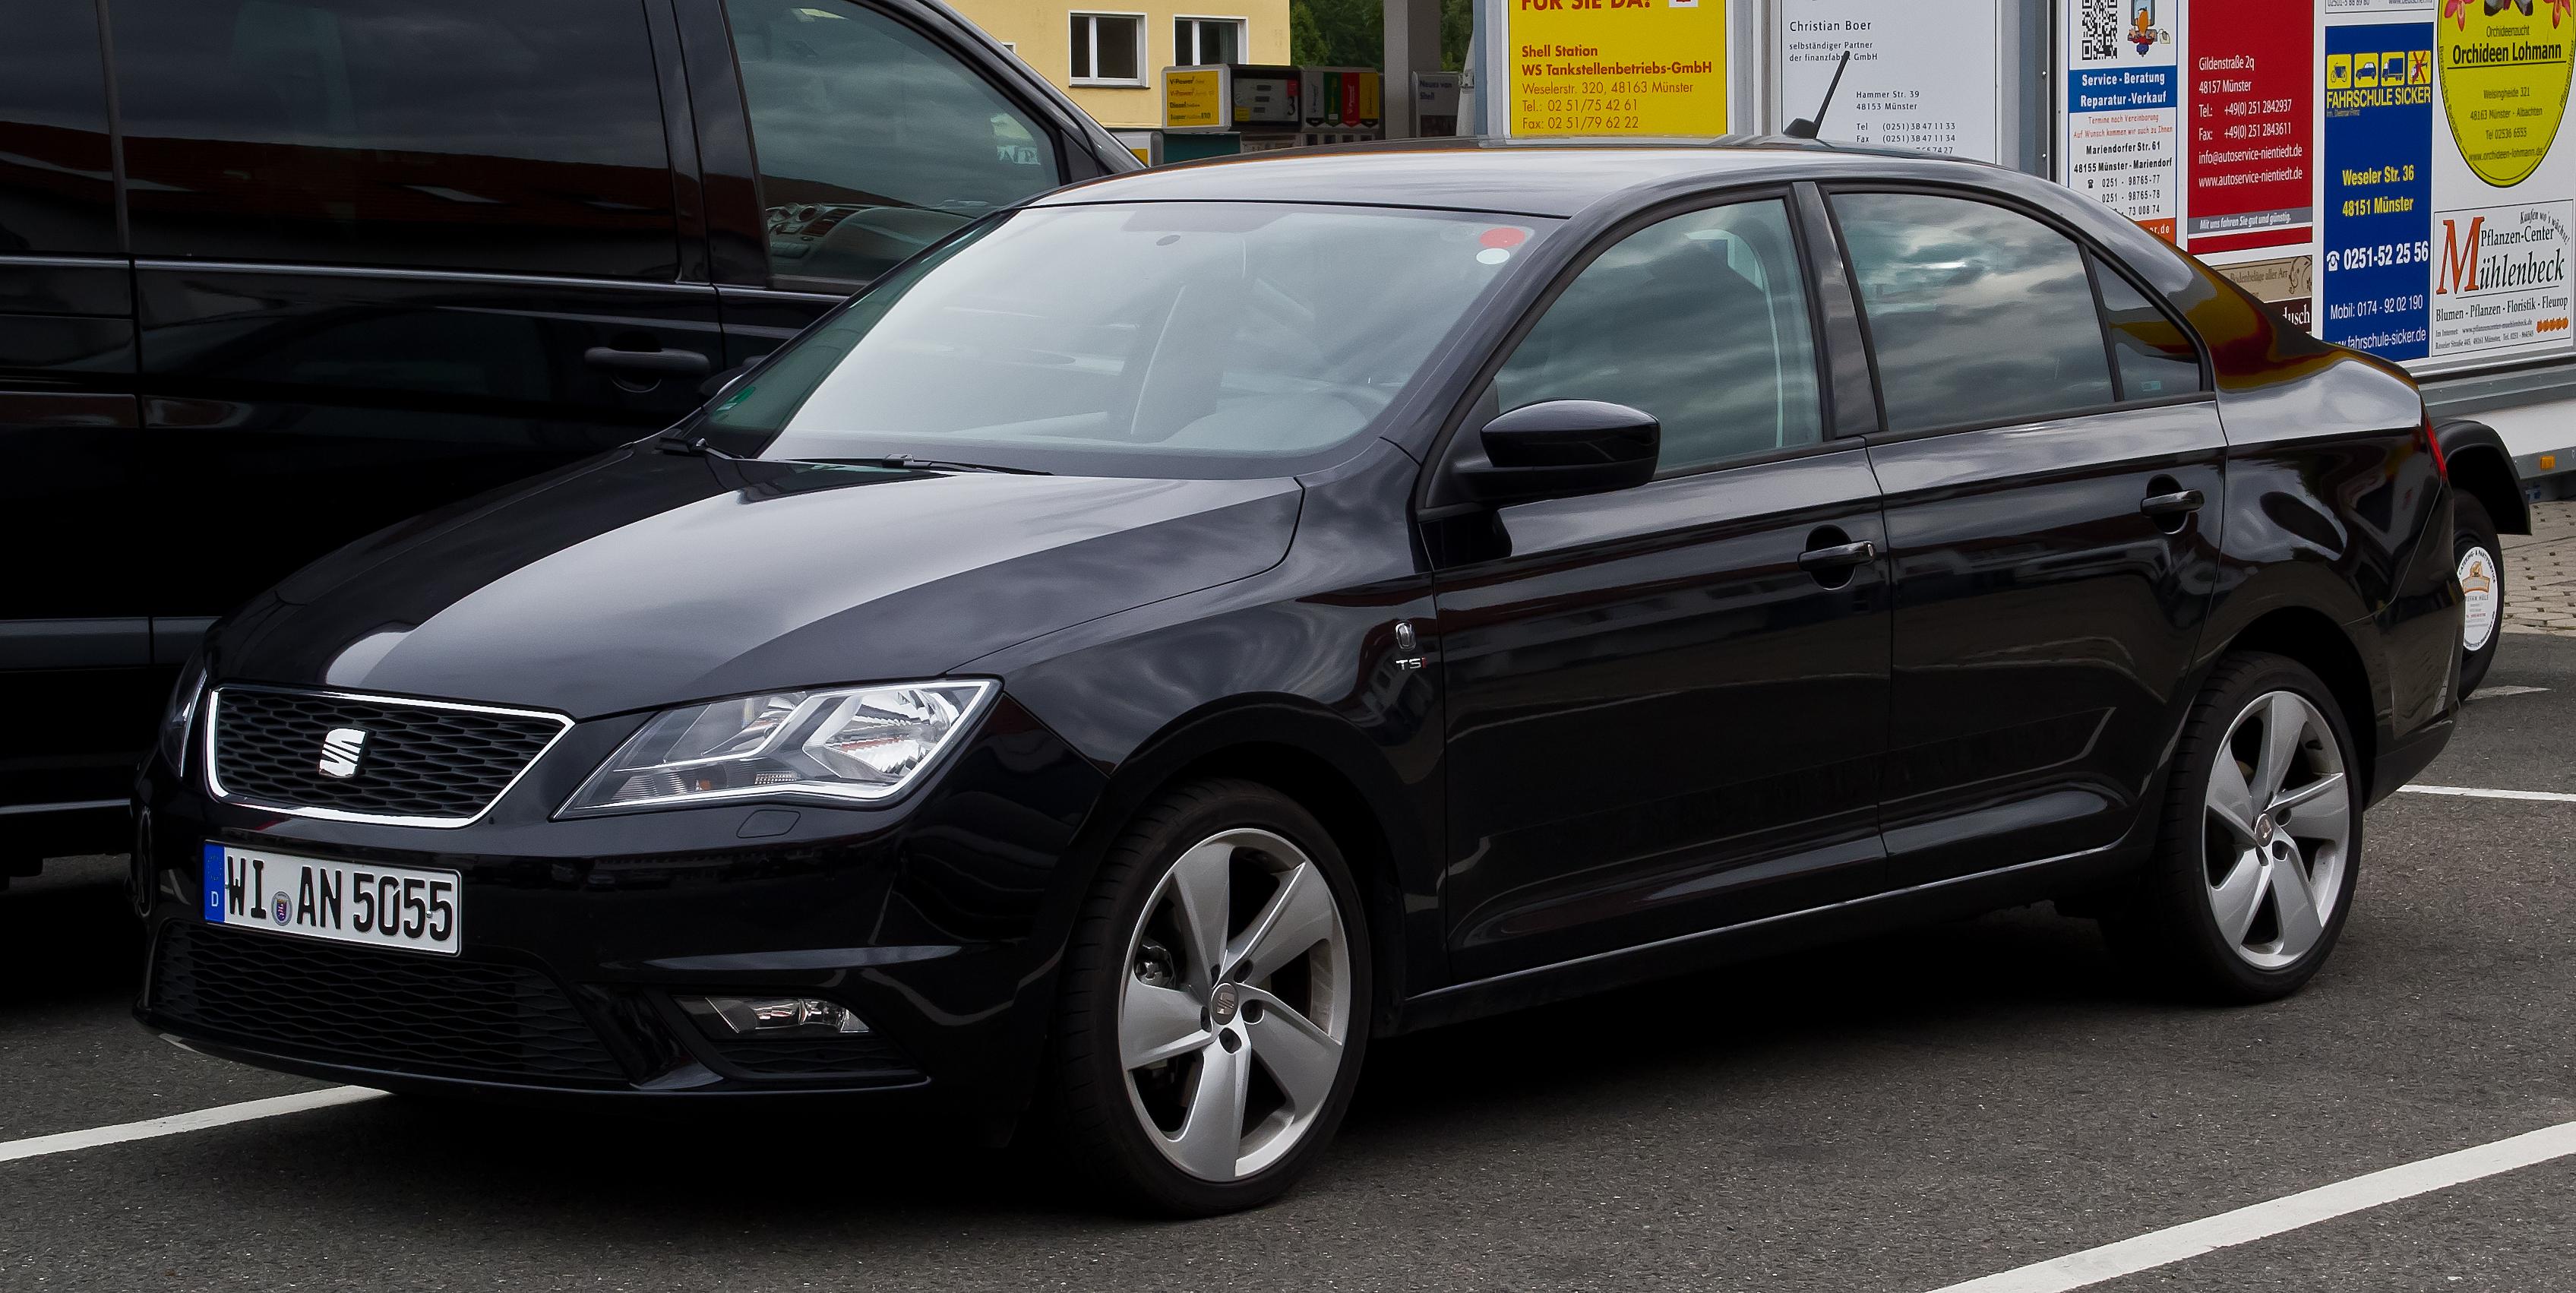 Audi s3 2015 wiki 6